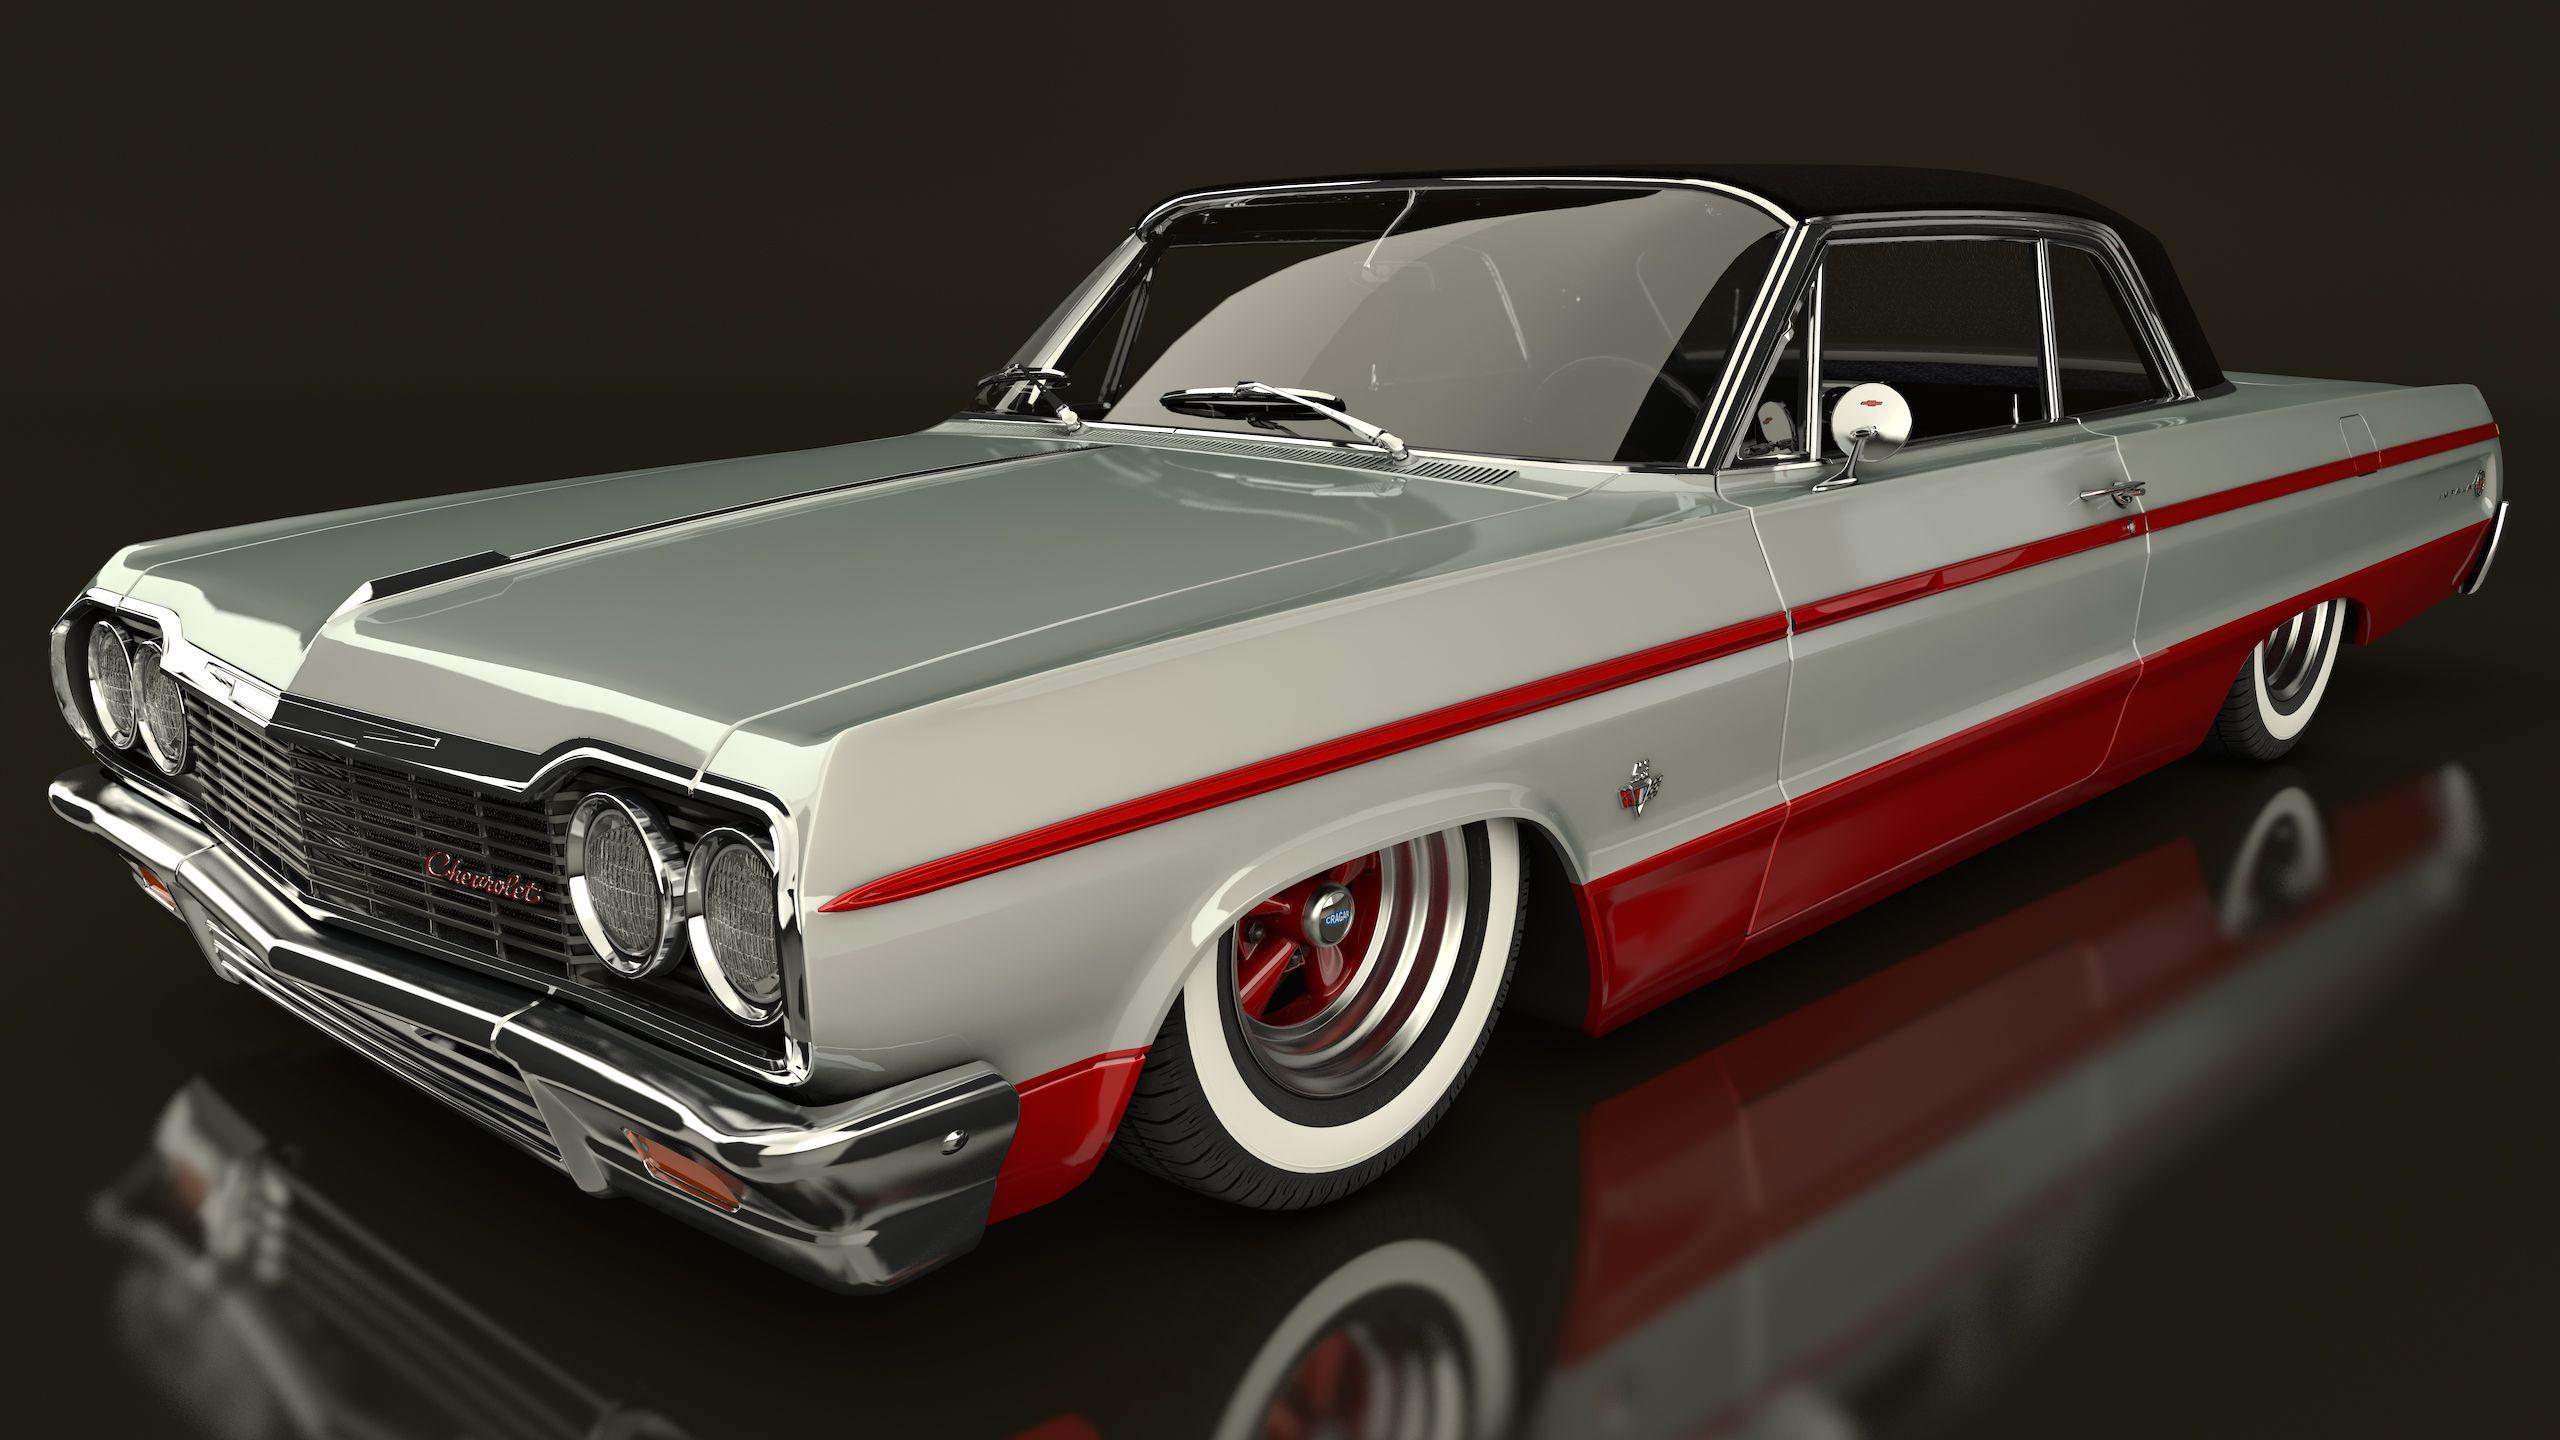 64 Chevy Impala cars & trucks